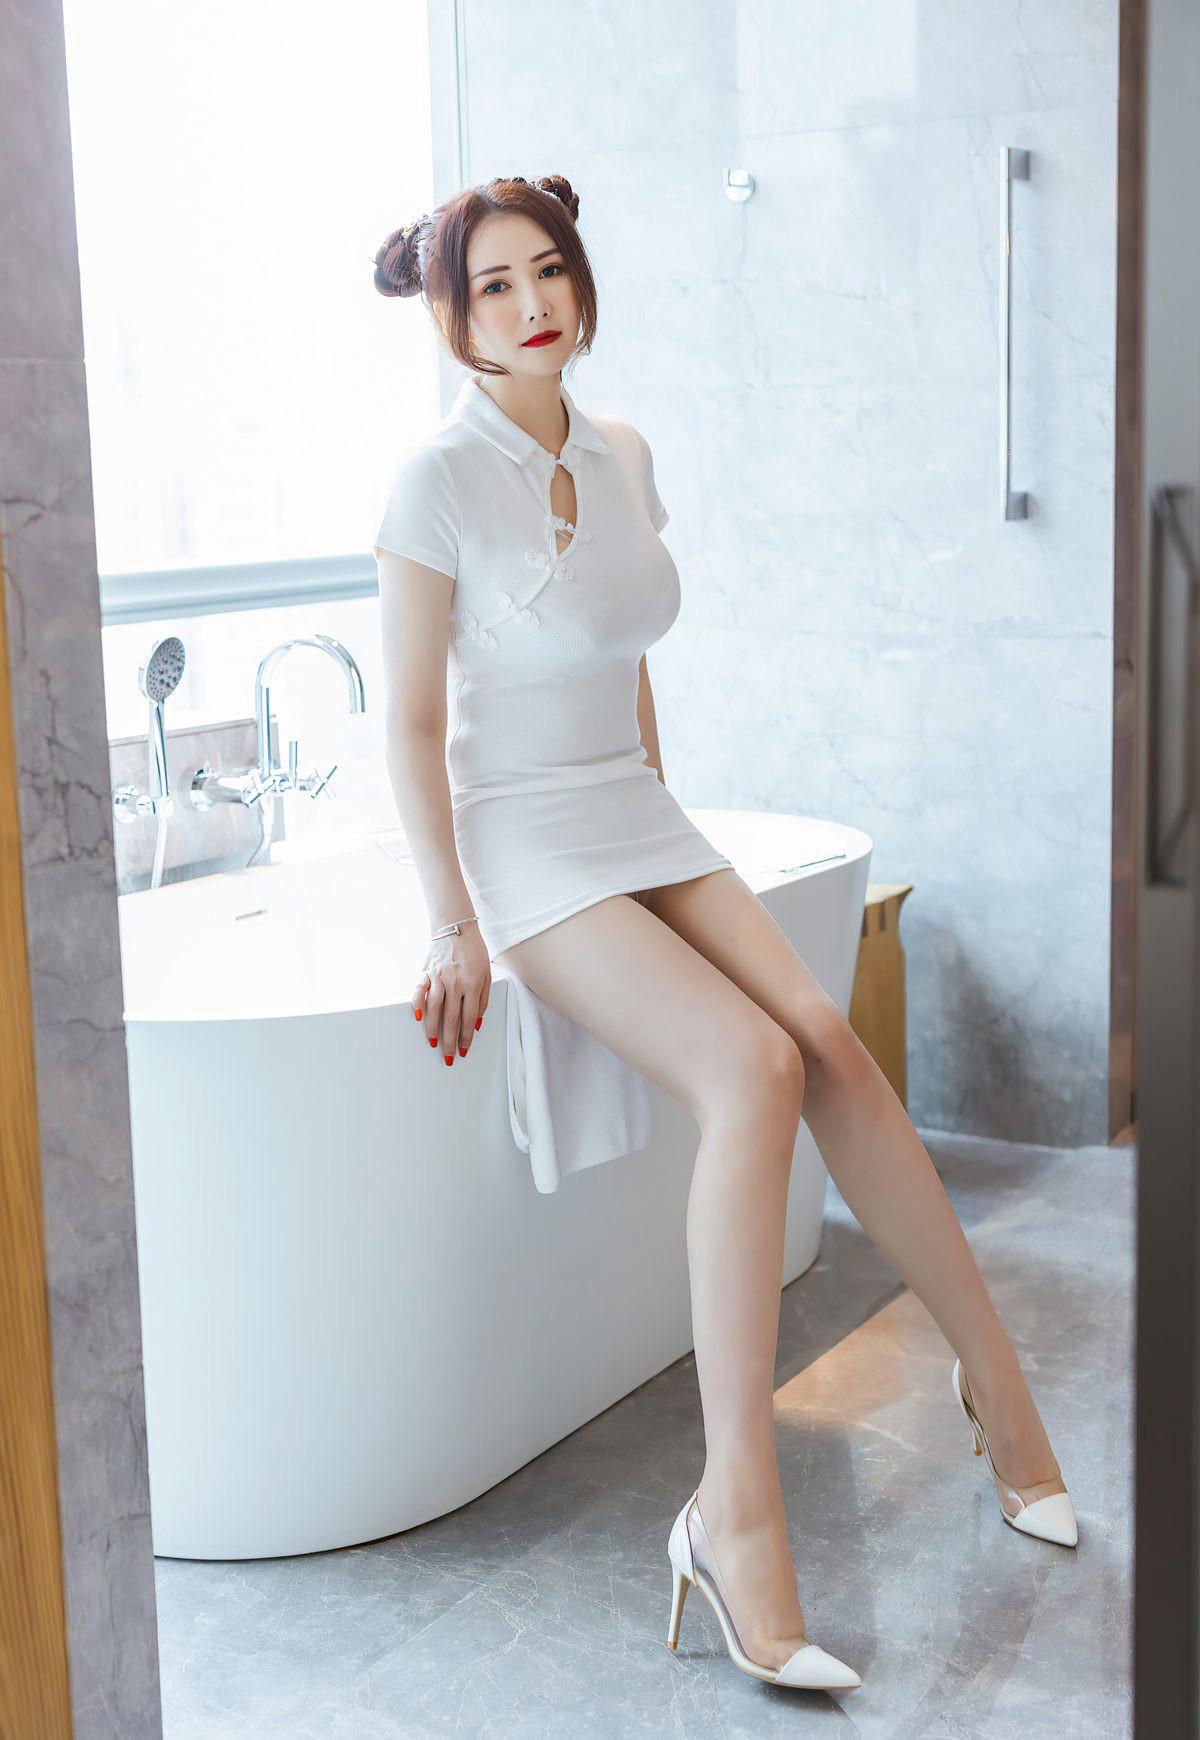 绝色尤物Evon陈赞之2021性感旗袍紧身翘臀肉丝袜高跟浴缸写真